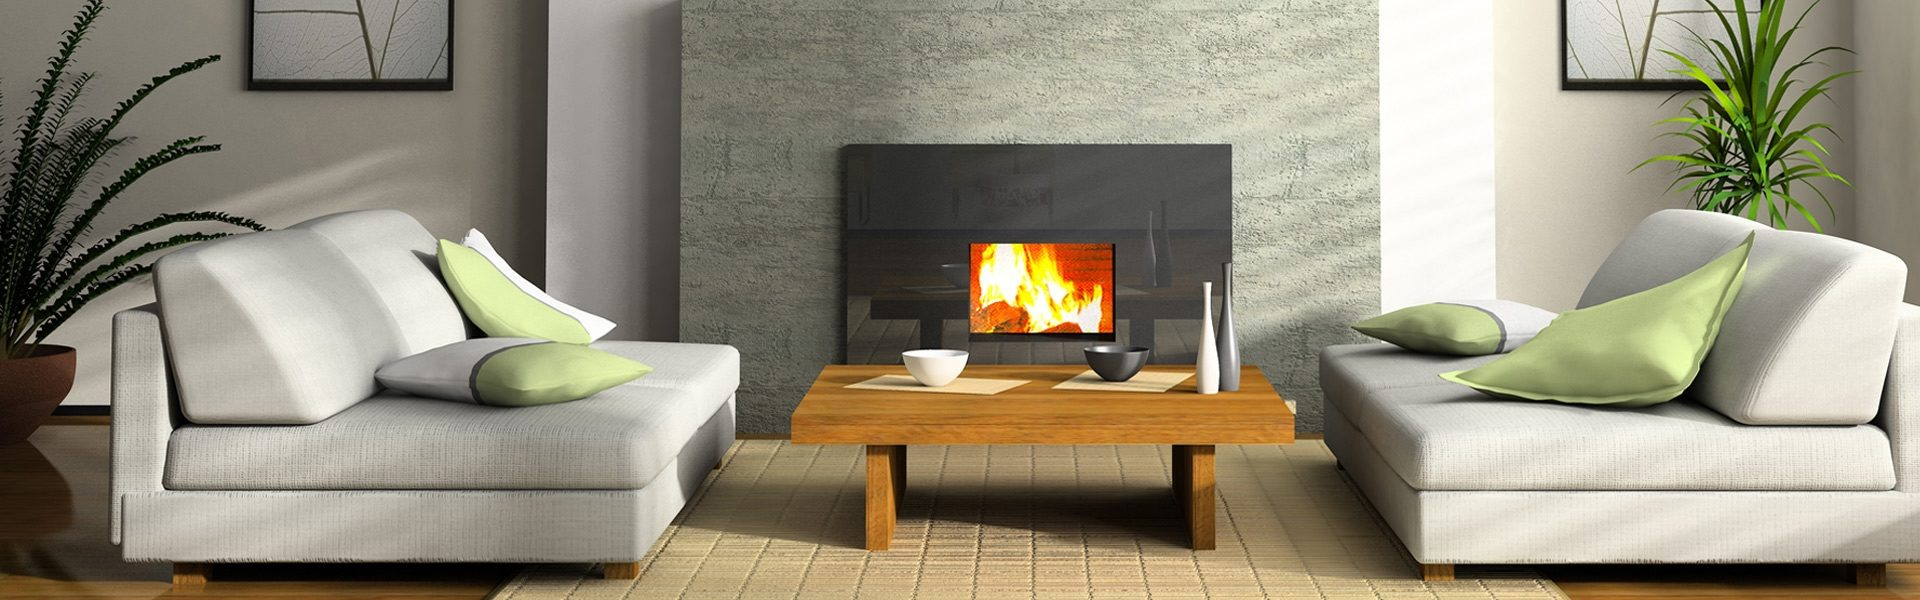 Керамические энергосберегающие обогреватели от производителя